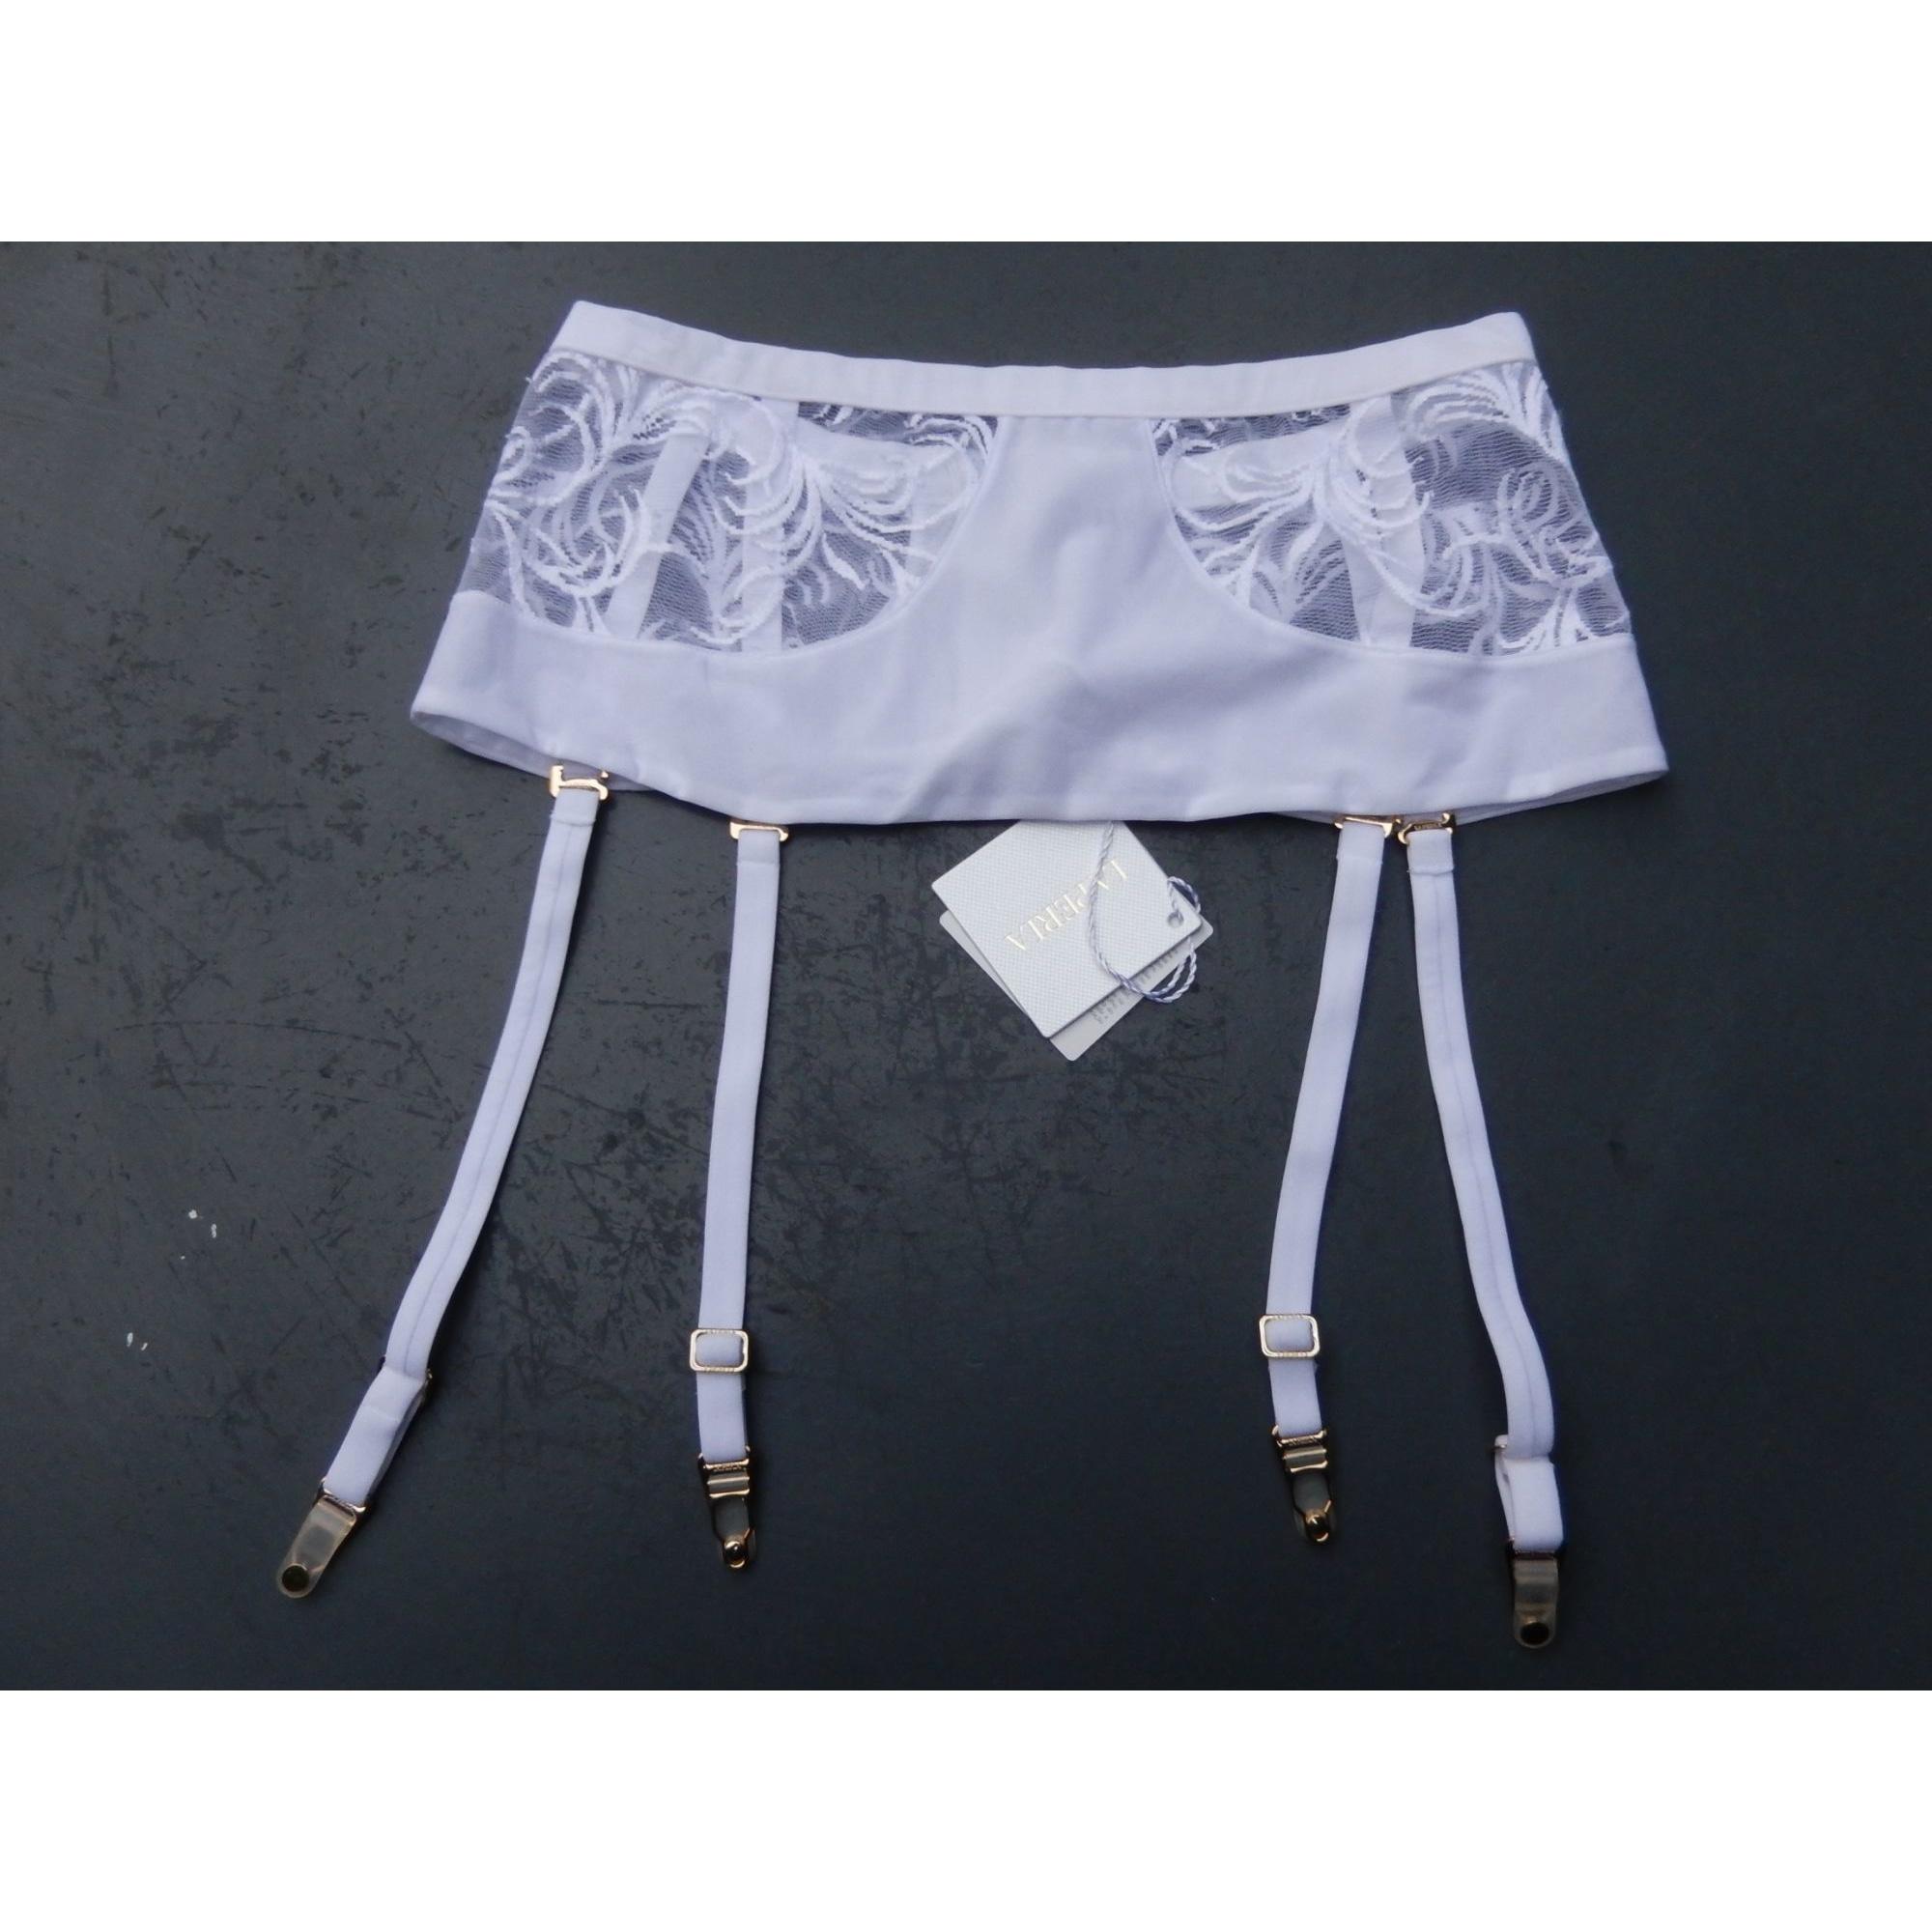 Porte-jarretelles LA PERLA Blanc, blanc cassé, écru